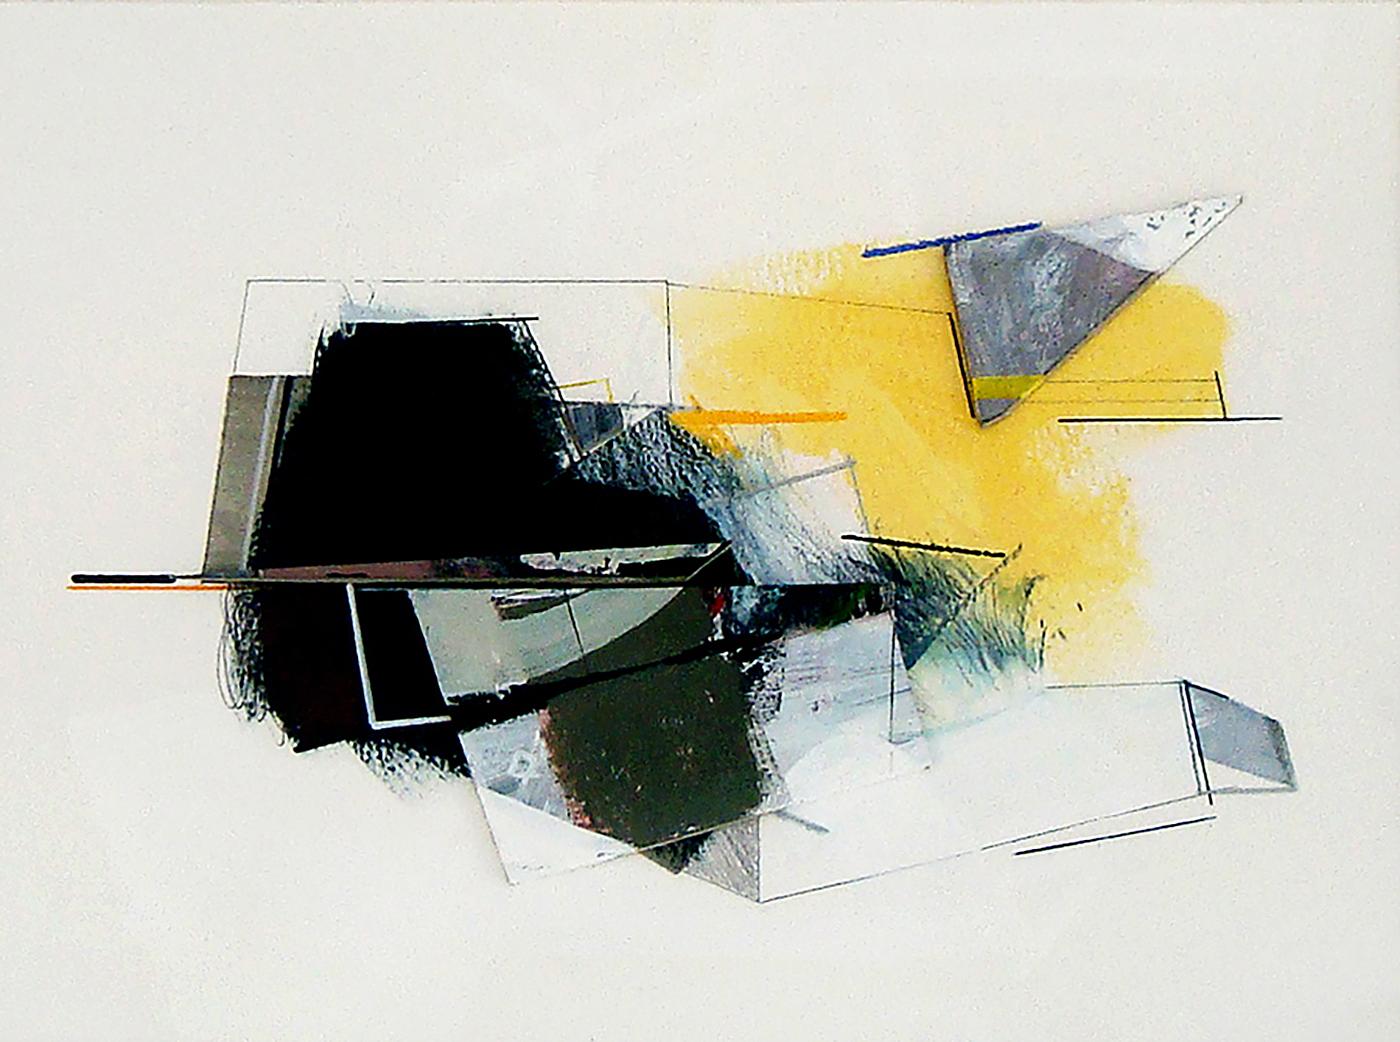 Rui Tavares e Susana Chasse – 1 + 1, acrílico, grafite e cartão sobre papel, 33 x 41 cm